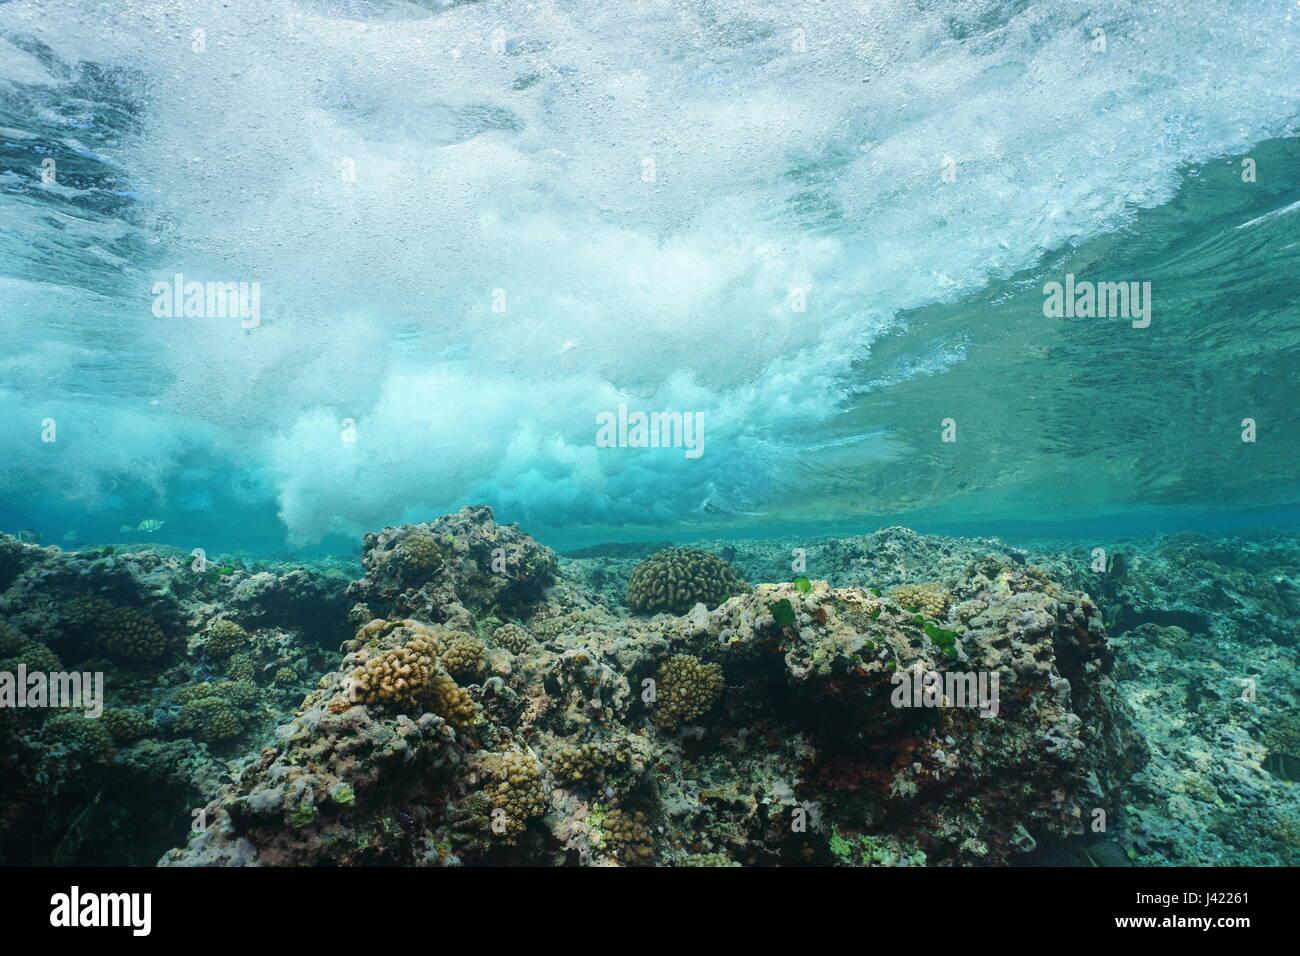 Ola rompiendo en el arrecife del submarino, Océano Pacífico, Huahine, Islas Sociedad, Polinesia Francesa Imagen De Stock